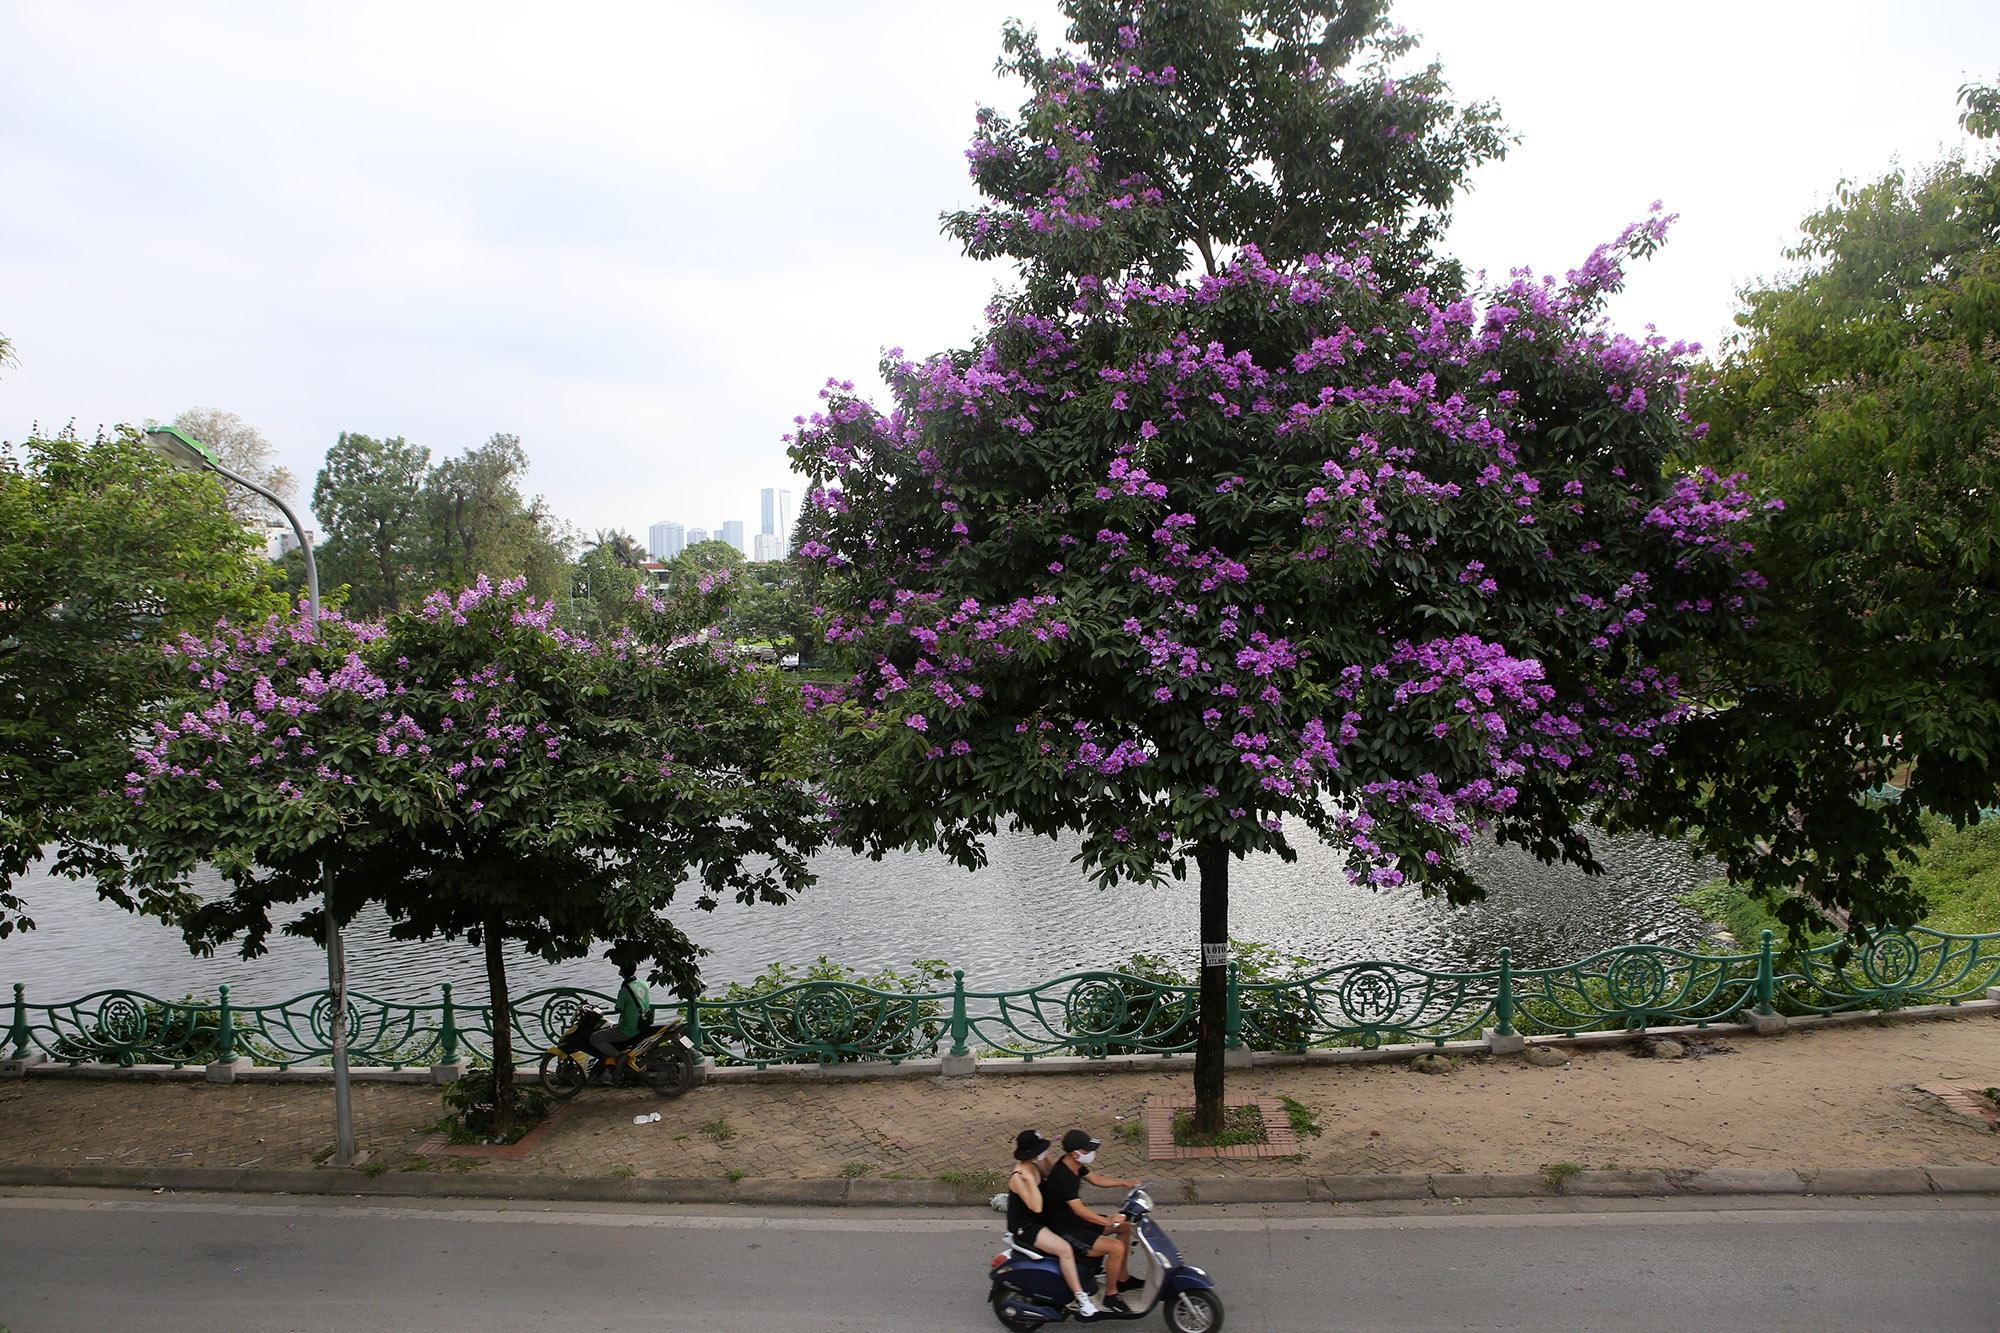 Ngắm hoa bằng lăng nở tím trời Hà Nội - 4